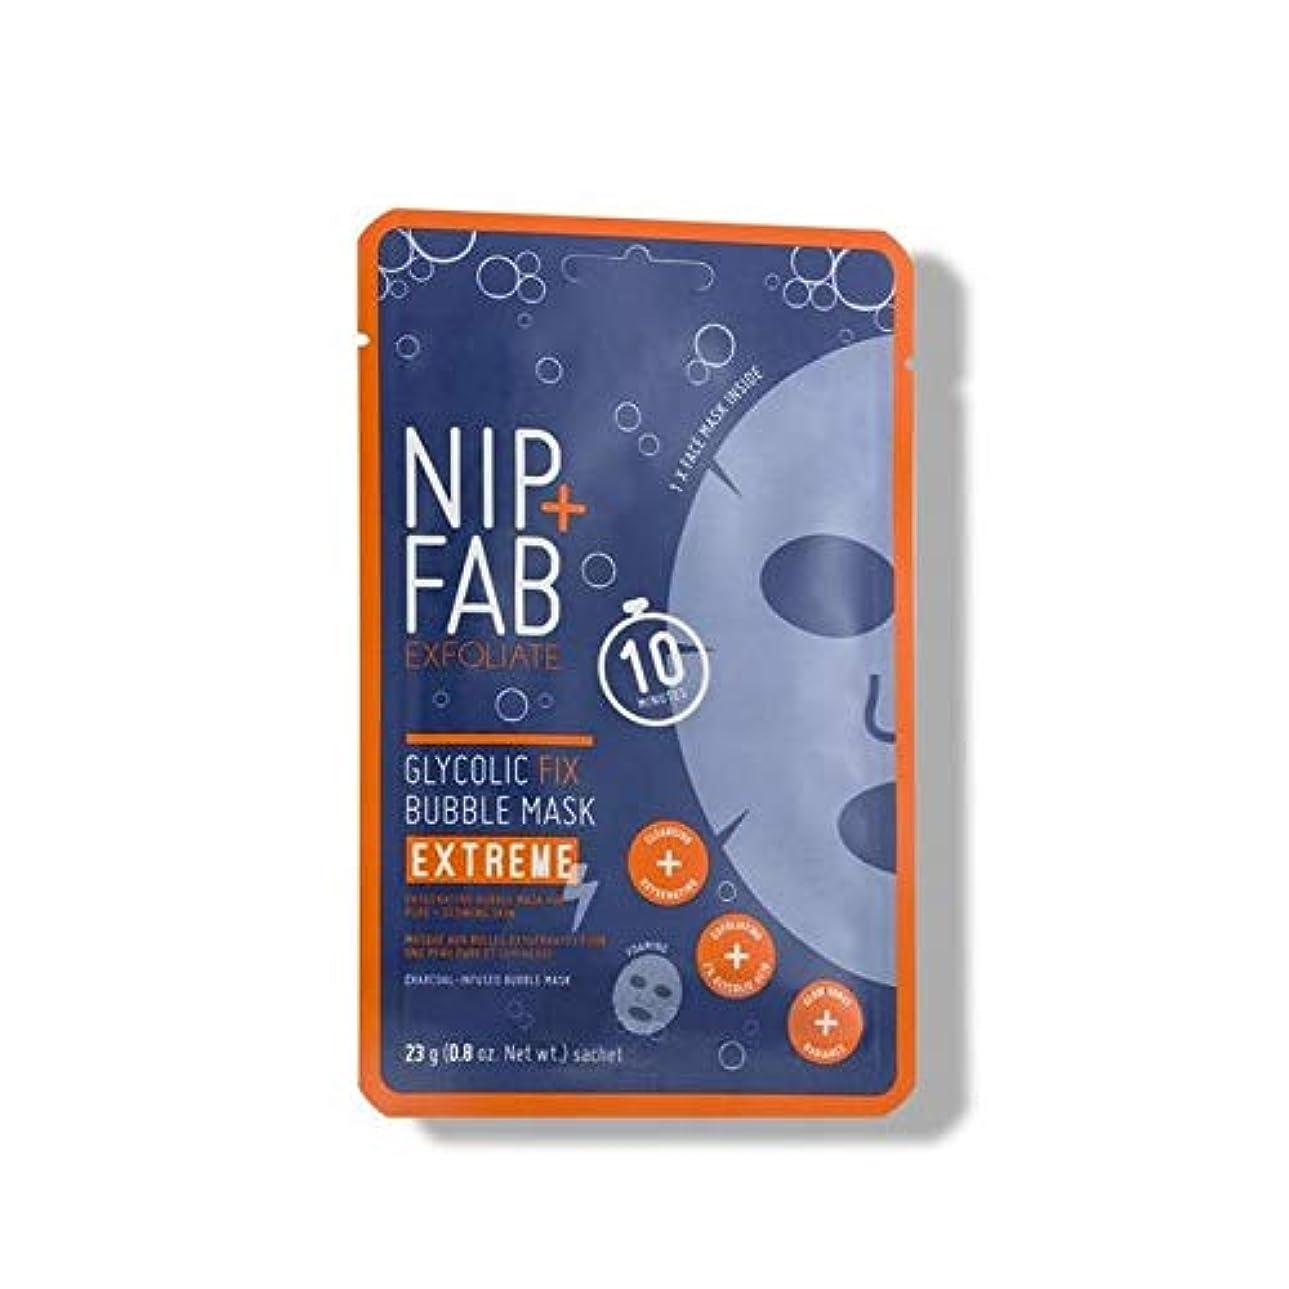 老朽化した姓ガム[Nip & Fab] + Fabグリコール修正極端なバブルフェイスマスクニップ - Nip+Fab Glycolic Fix Extreme Bubble Face Mask [並行輸入品]